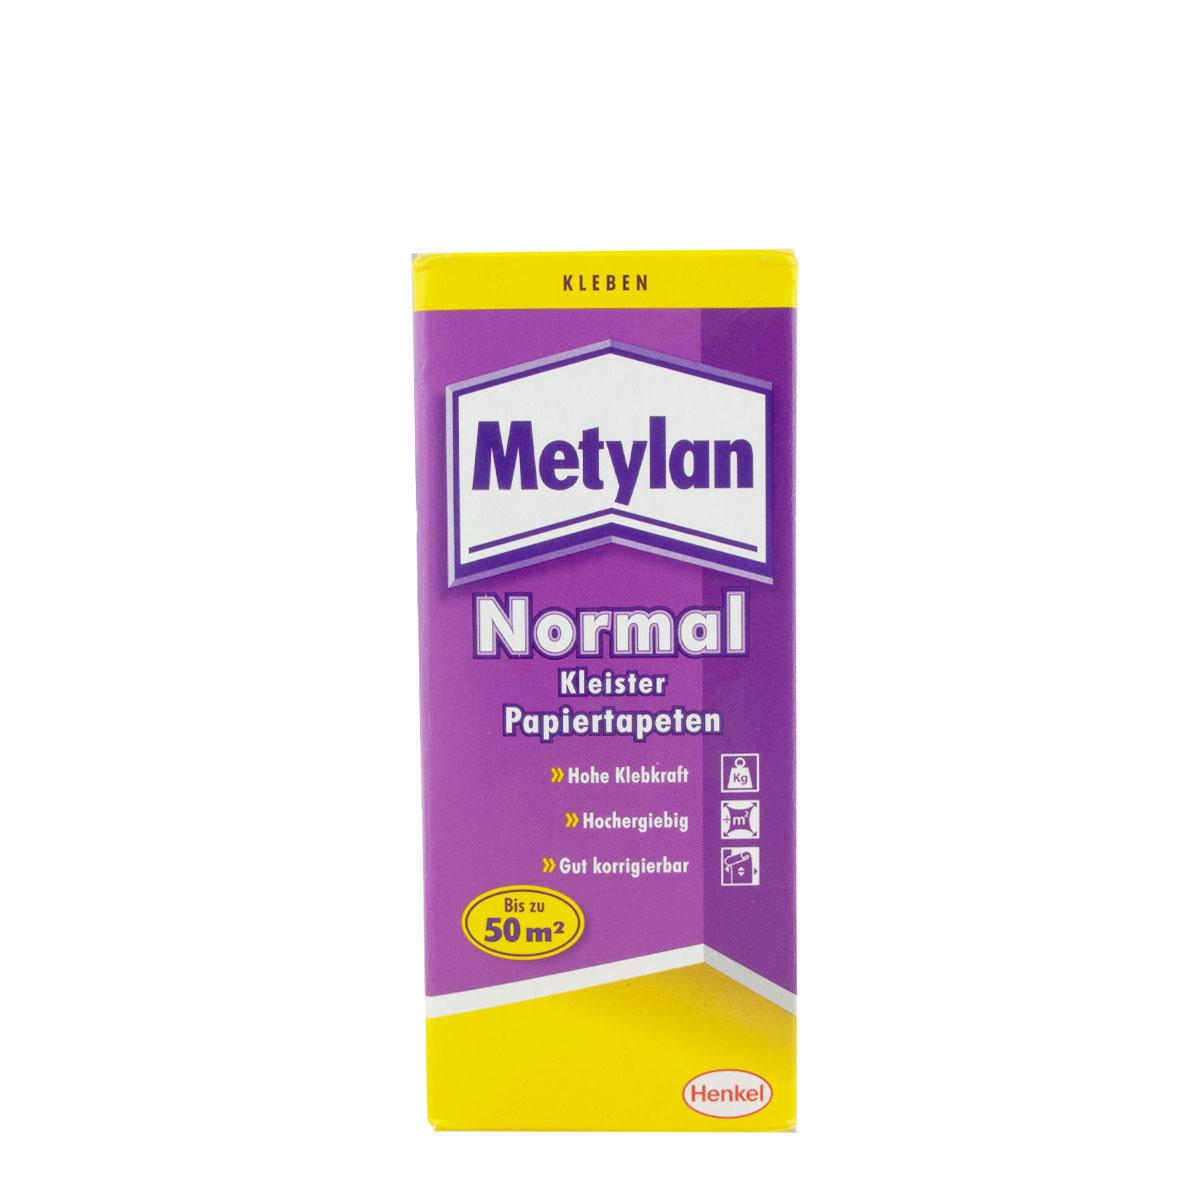 36,00€// Kg Metylan Normal Kleister Papiertapeten 125g MK40